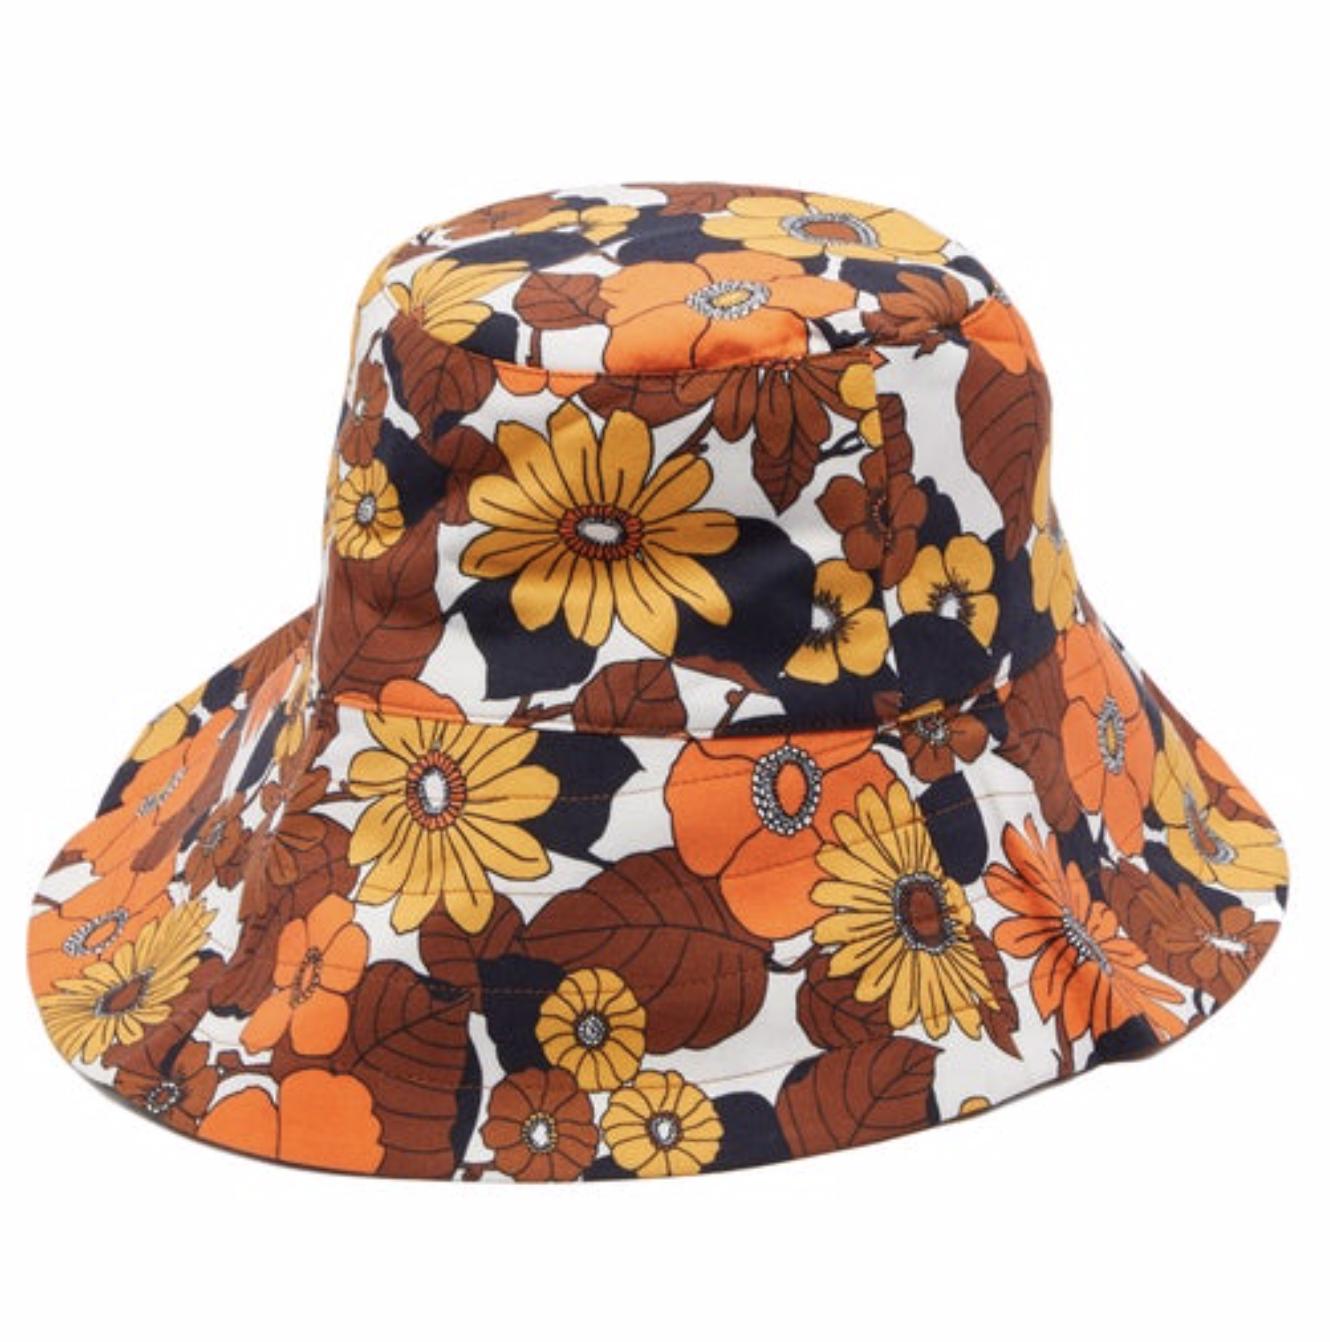 DODO BAR OR  Daria floral-print cotton-poplin bucket hat $97